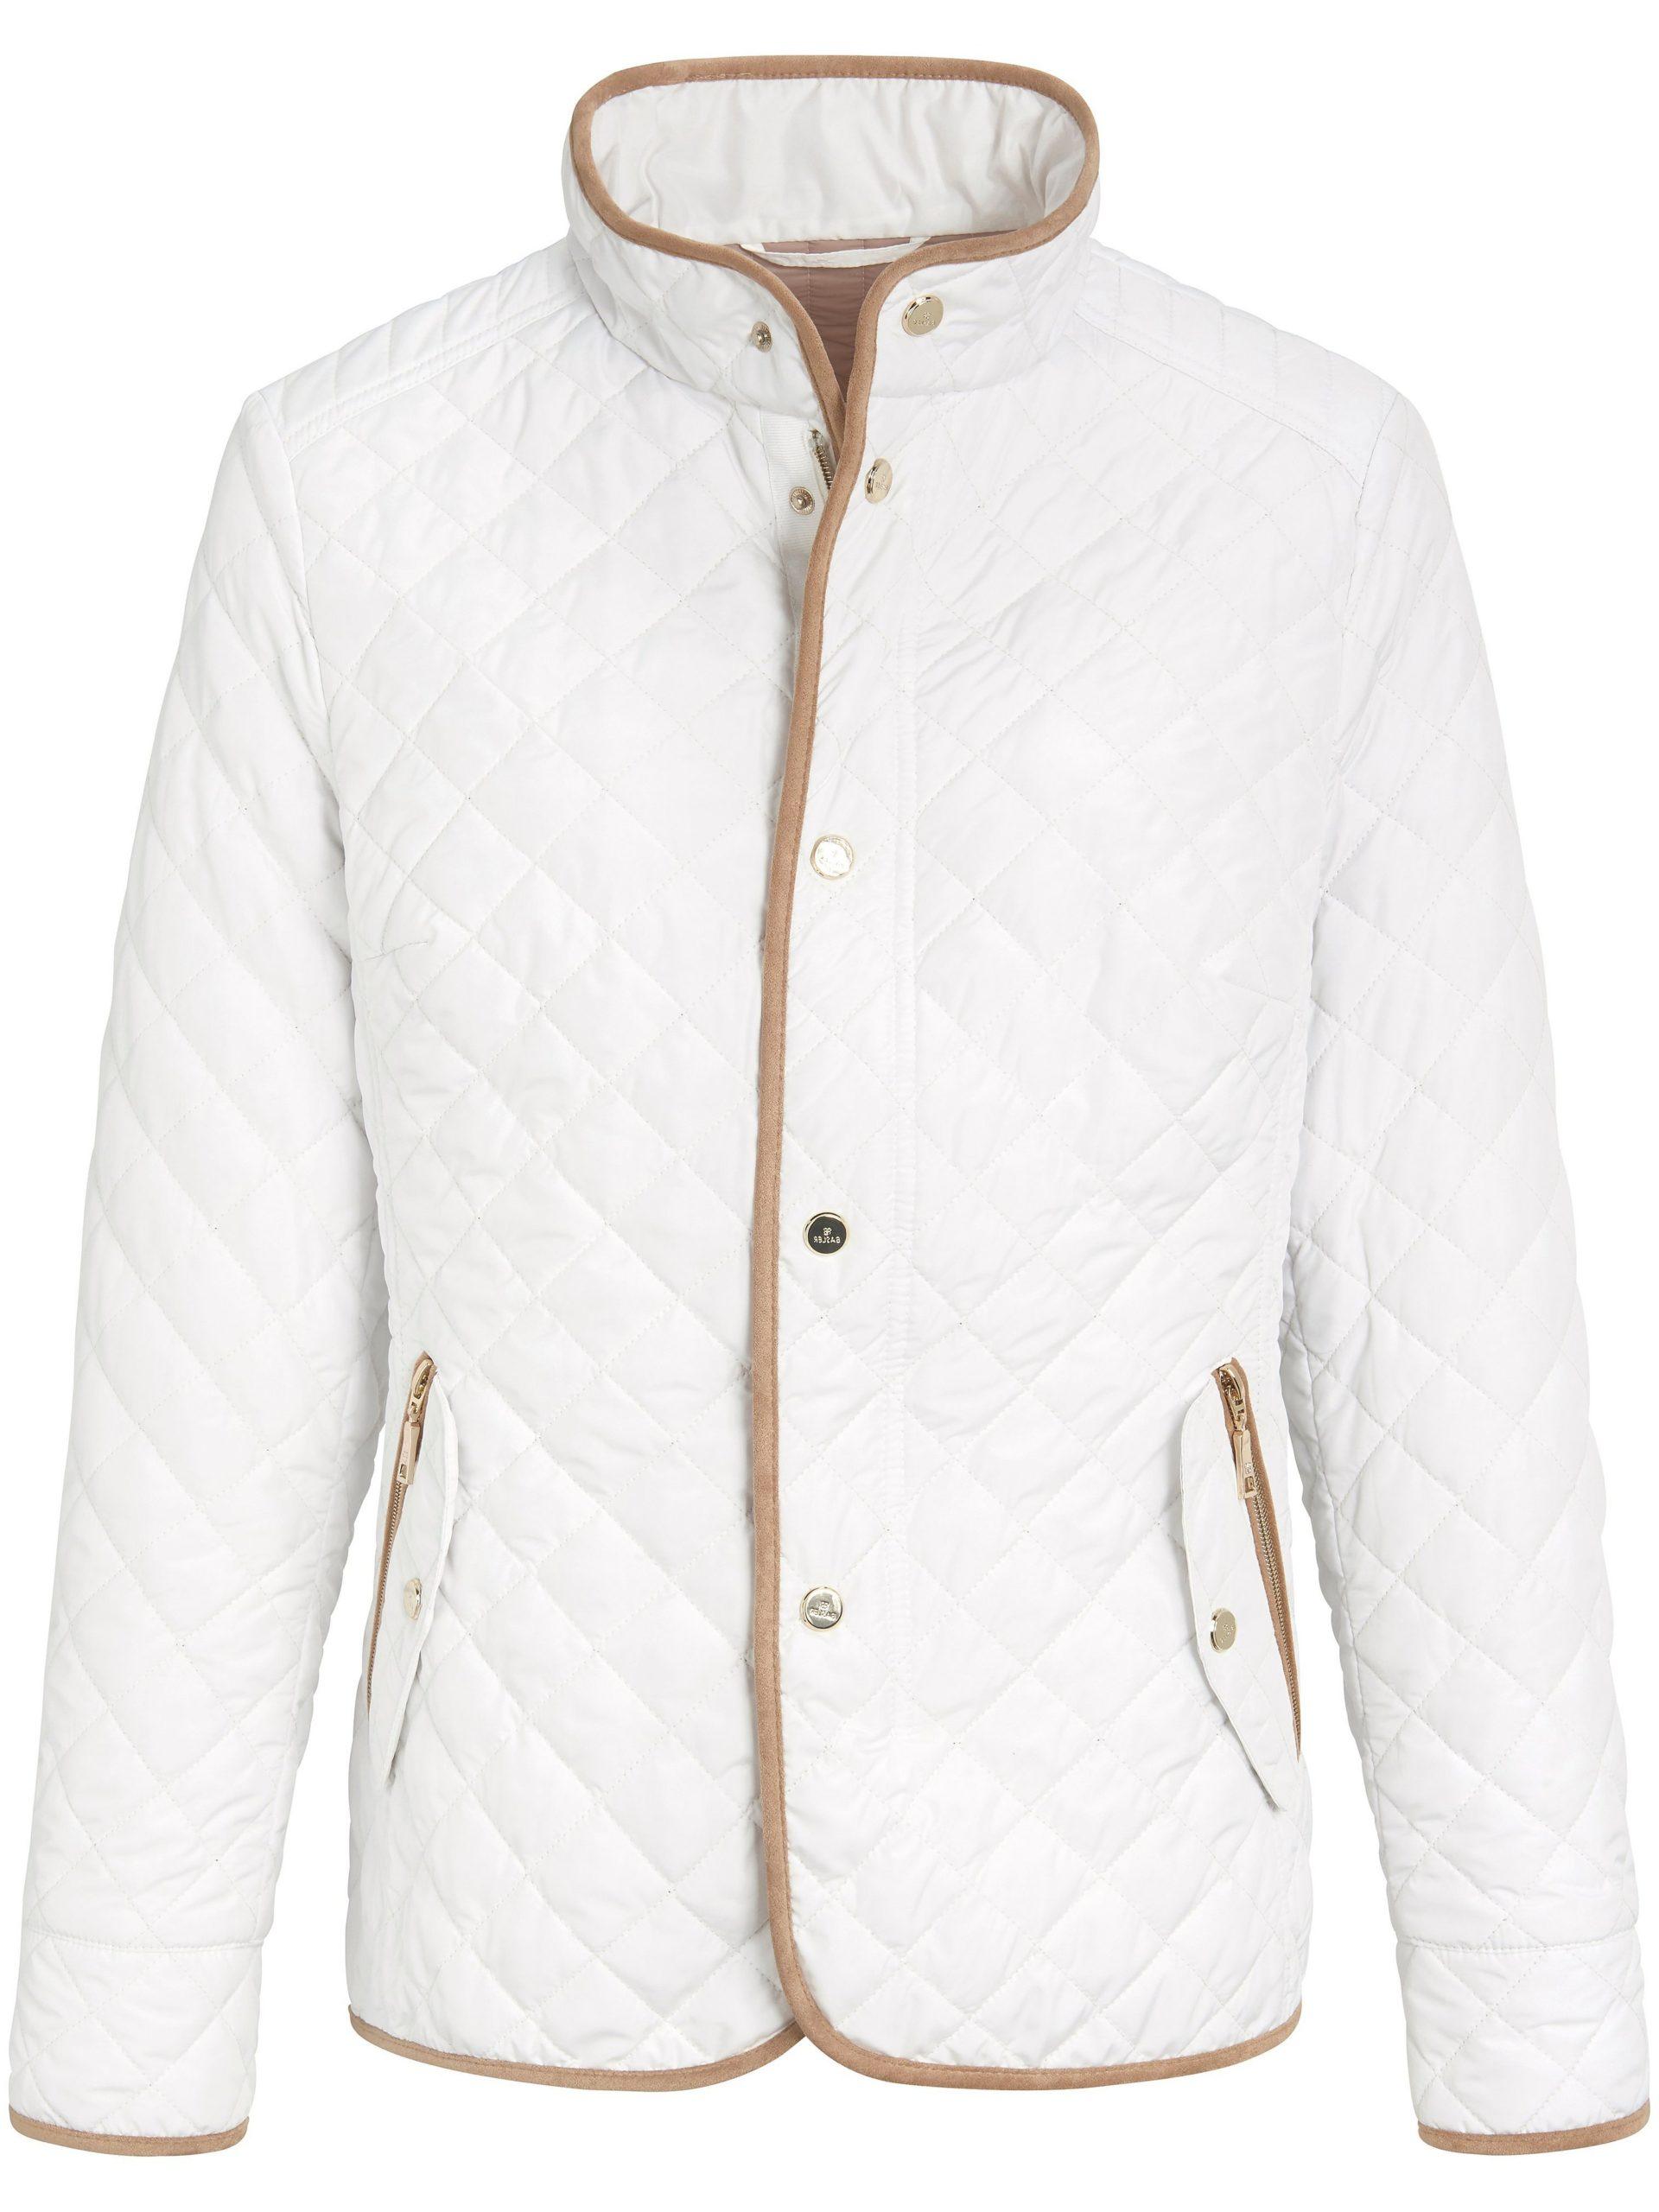 Gewatteerde jas Van Basler wit Kopen